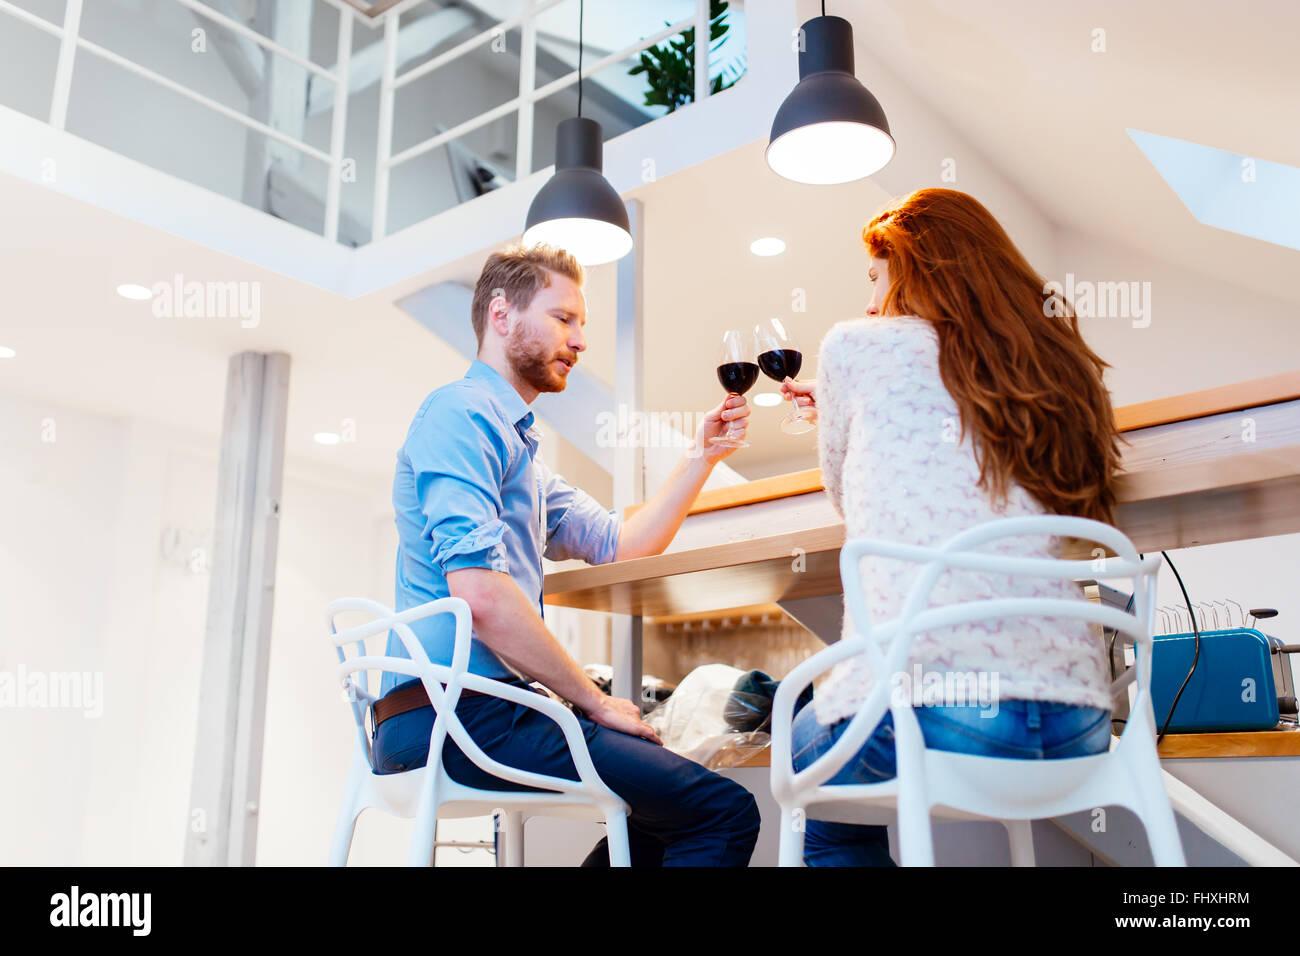 Schönes paar feiern Einzug in neue Wohnung durch Toasten Wein Stockbild